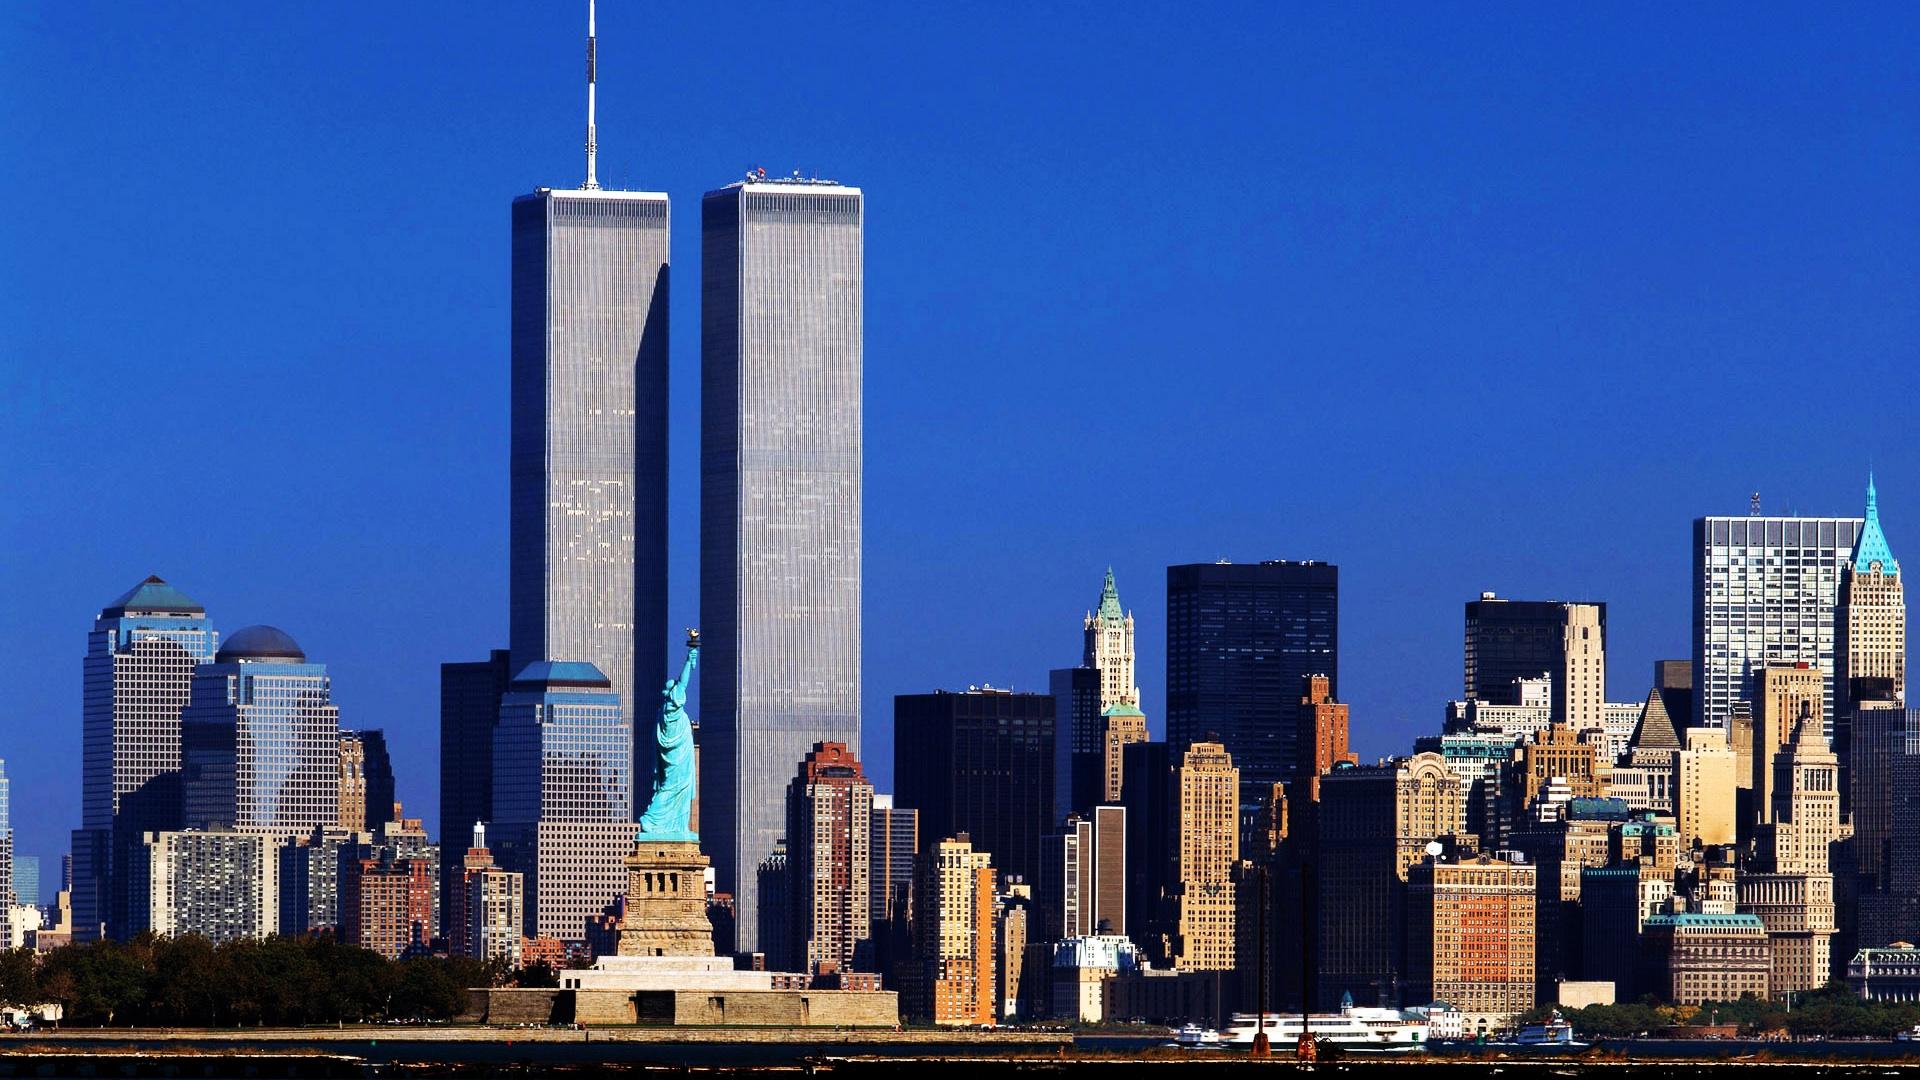 My memories of 9/11